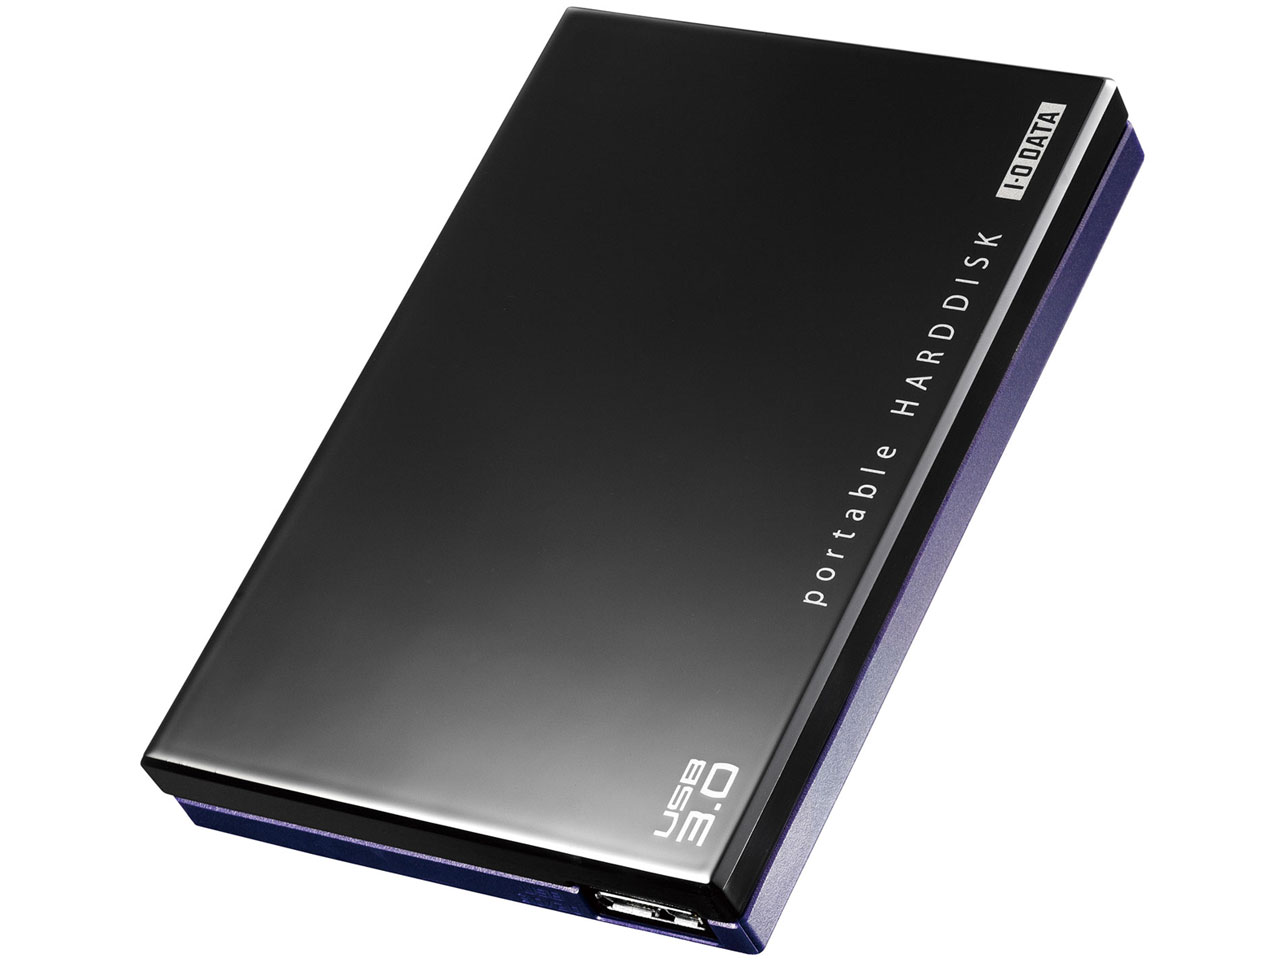 HDPC-UT1.0KE [ブラック]